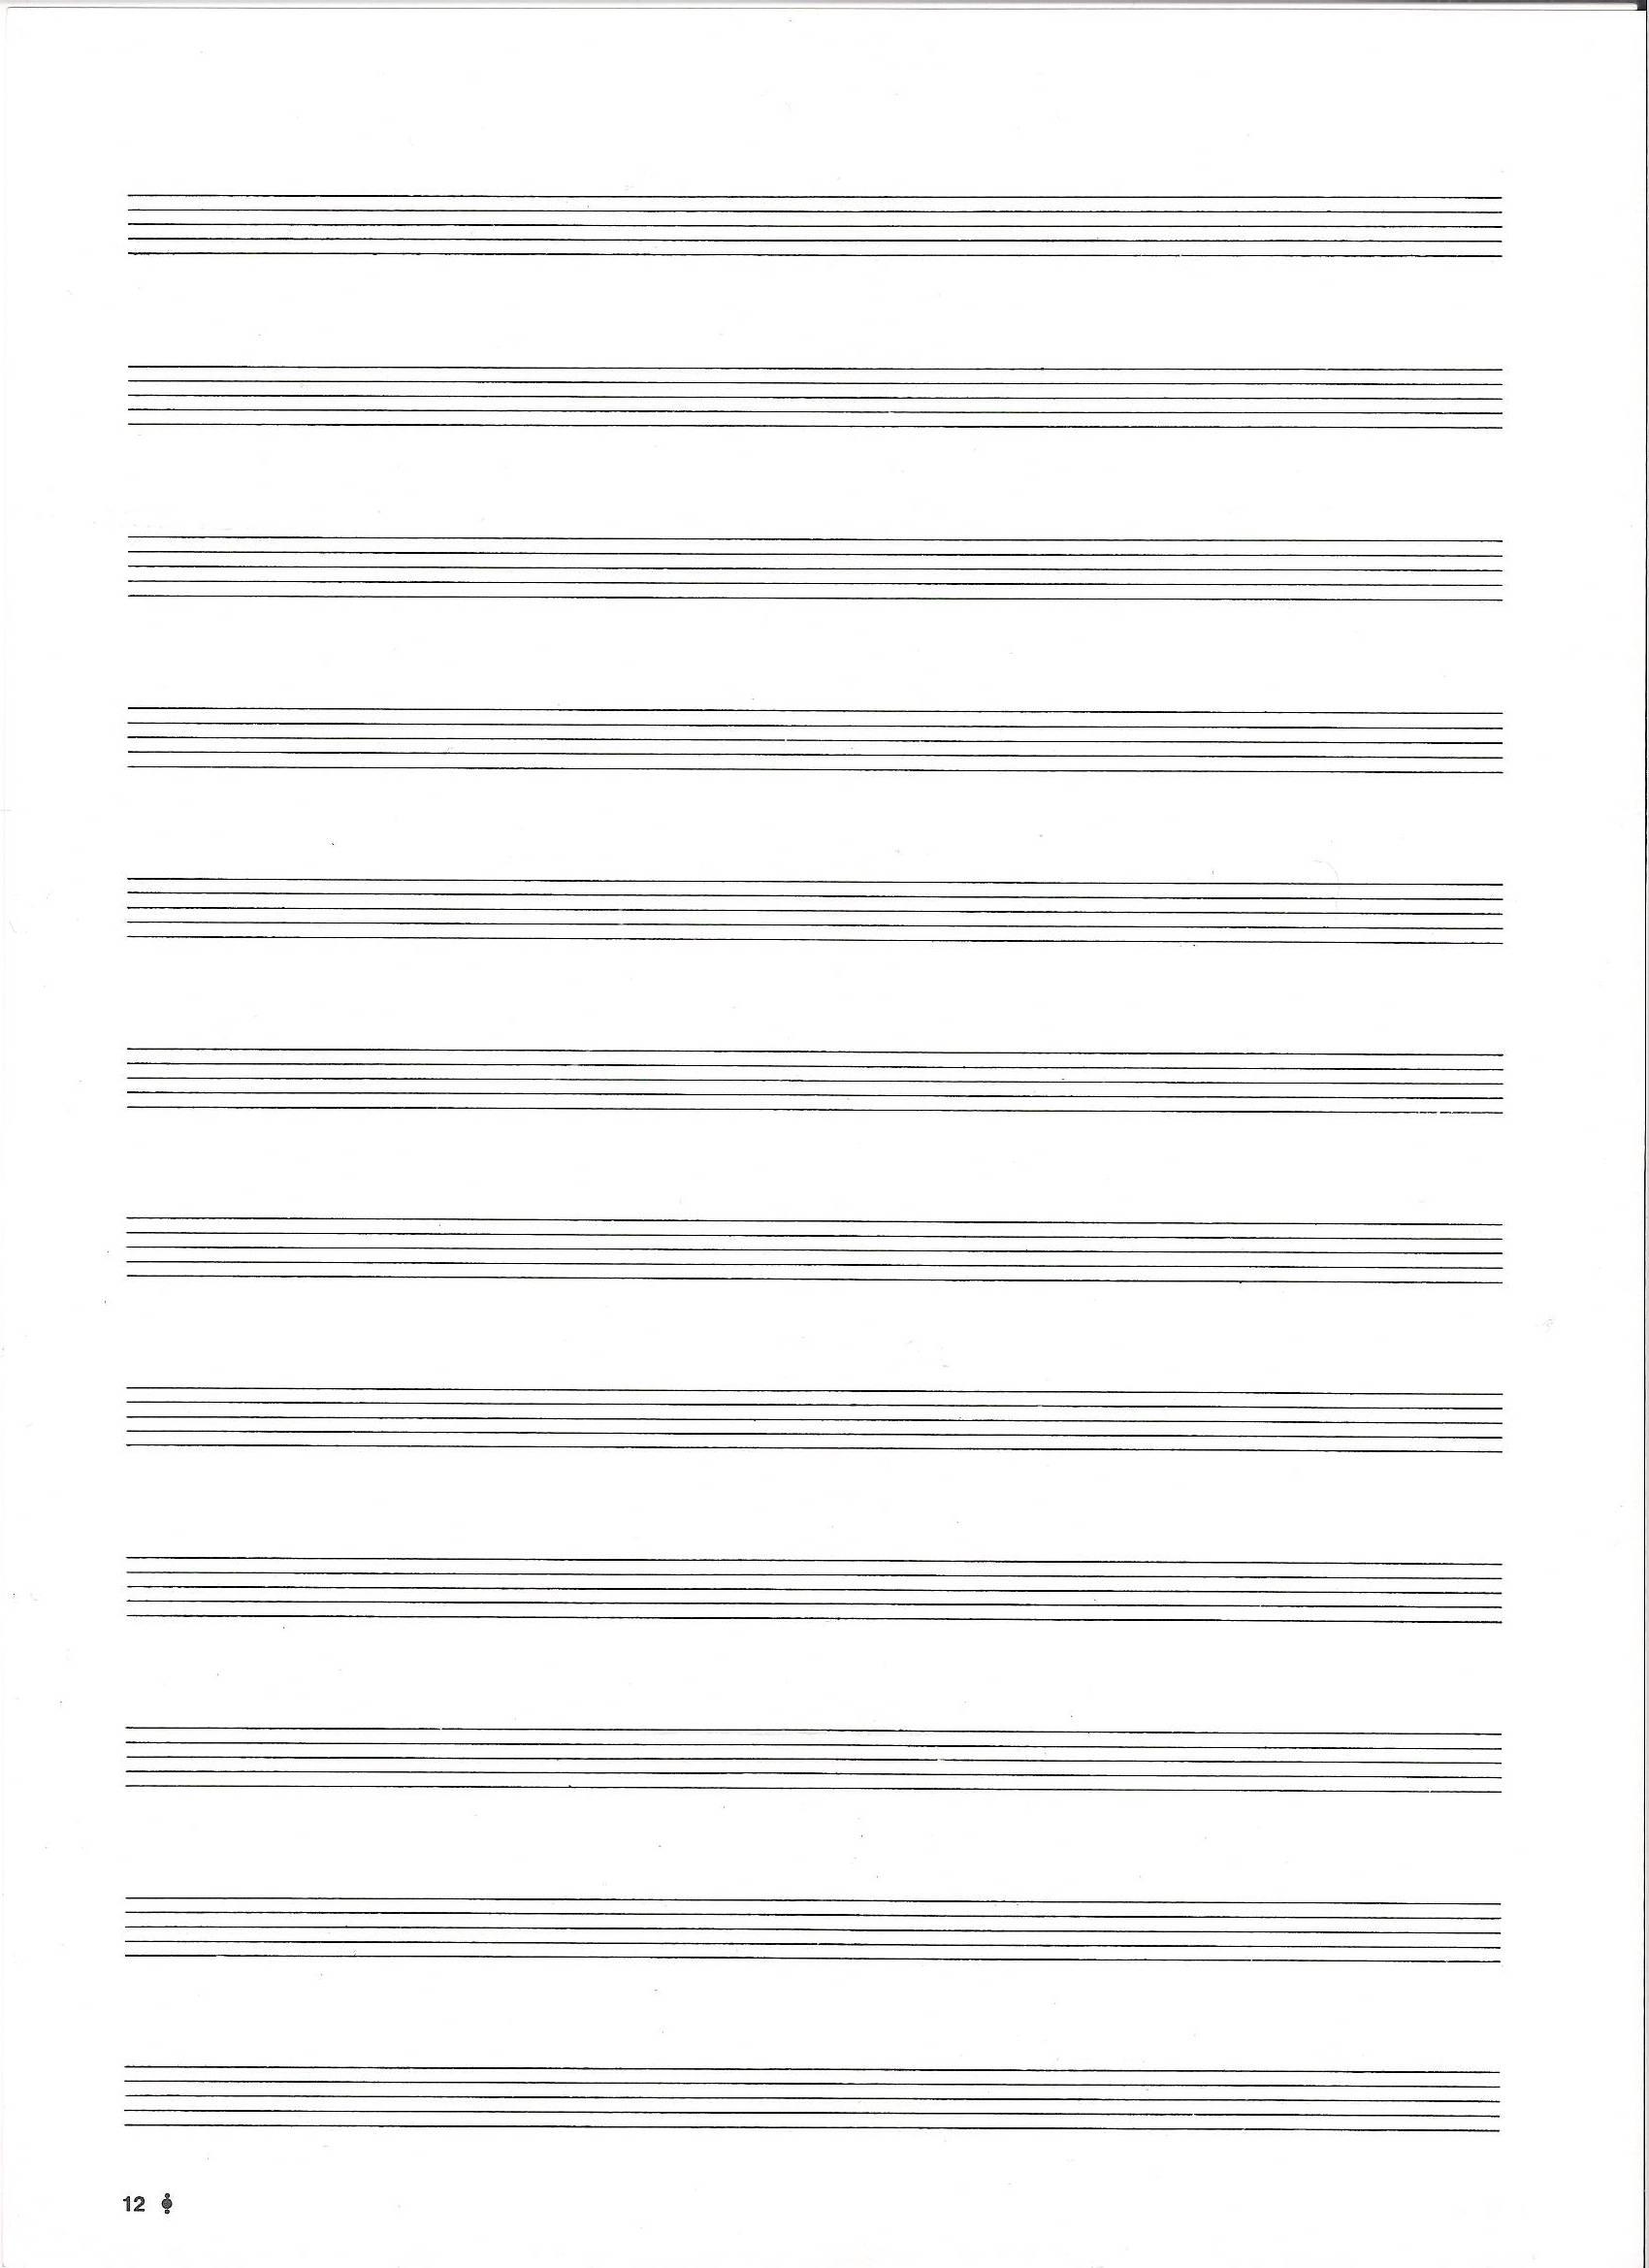 Print Free Sheet Music Blank